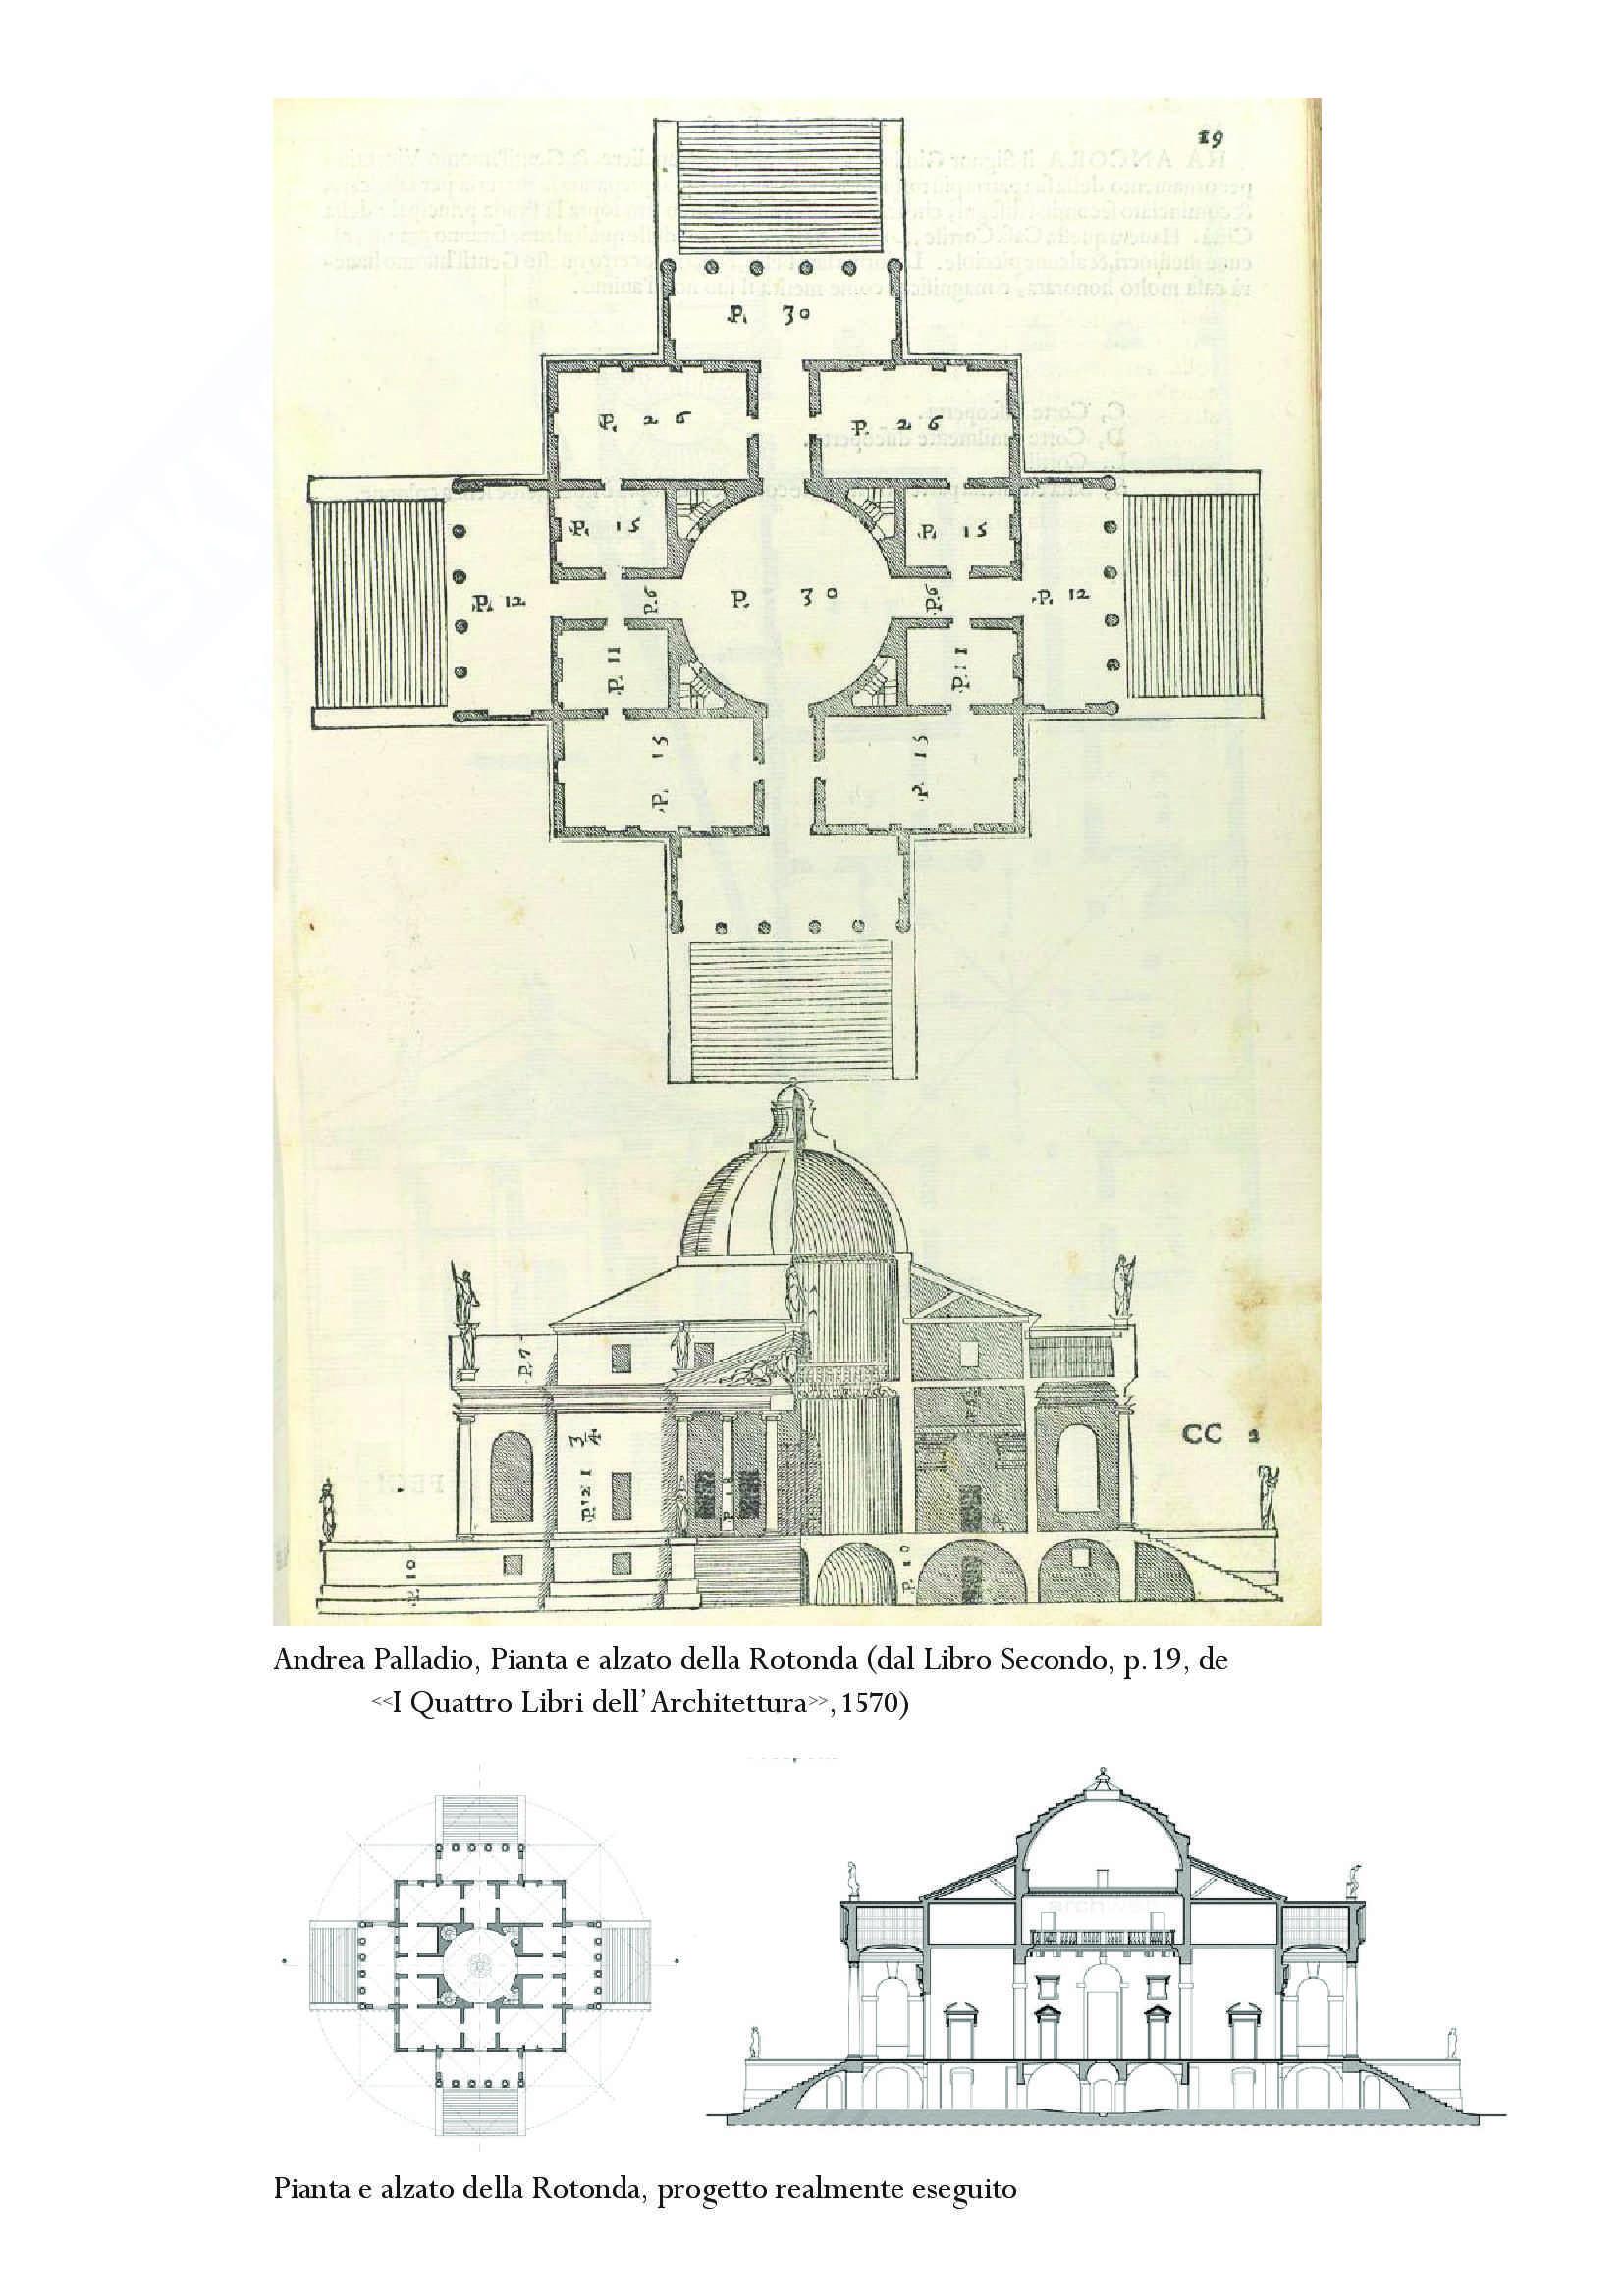 Approfondimento Palladio e La Rotonda: Storia dell'architettura moderna Pag. 11